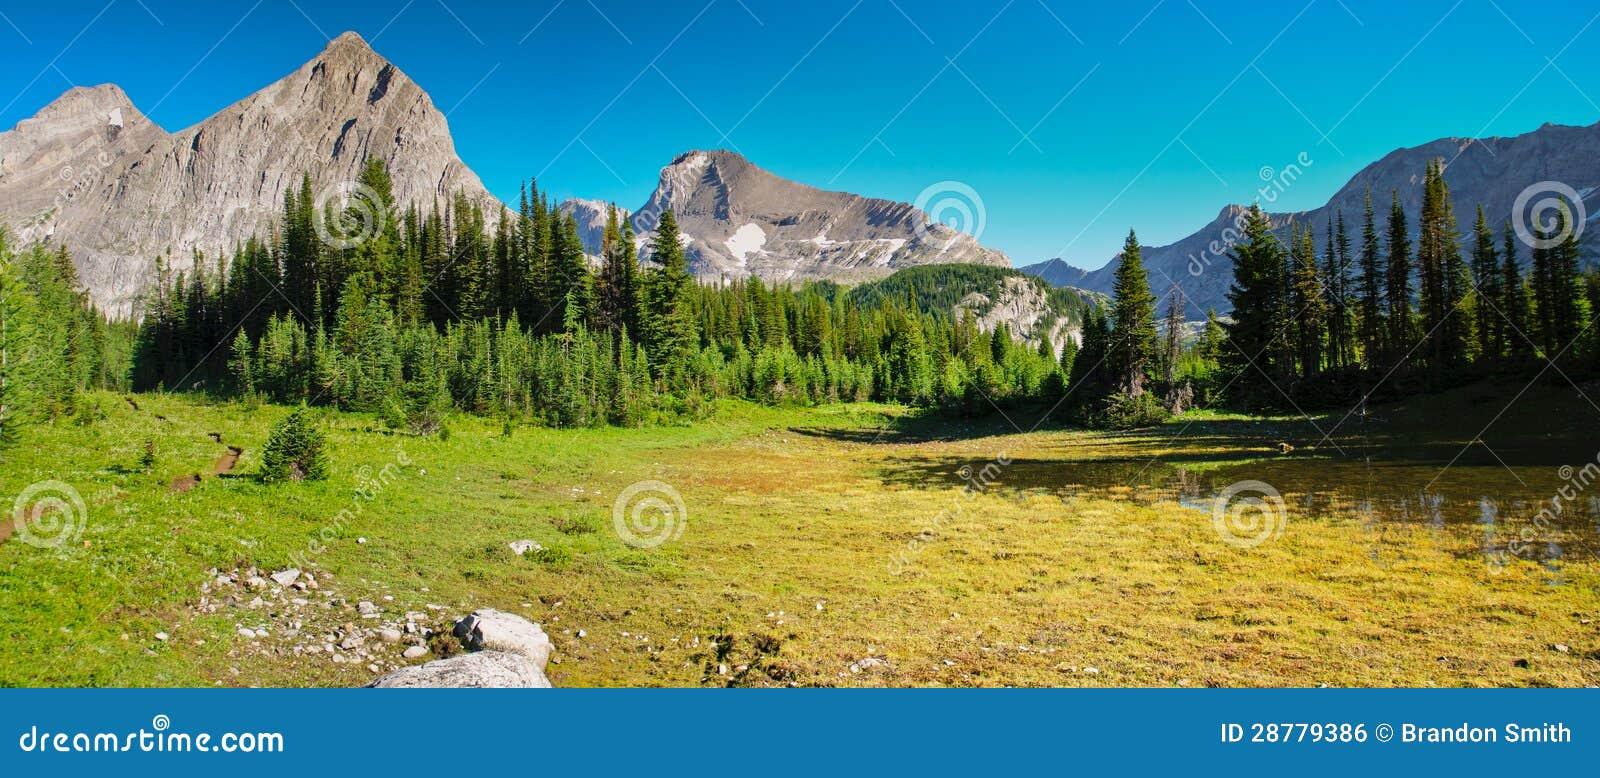 ... Stock Image: Scenic Mountain Views Kananaskis Country Alberta Canada